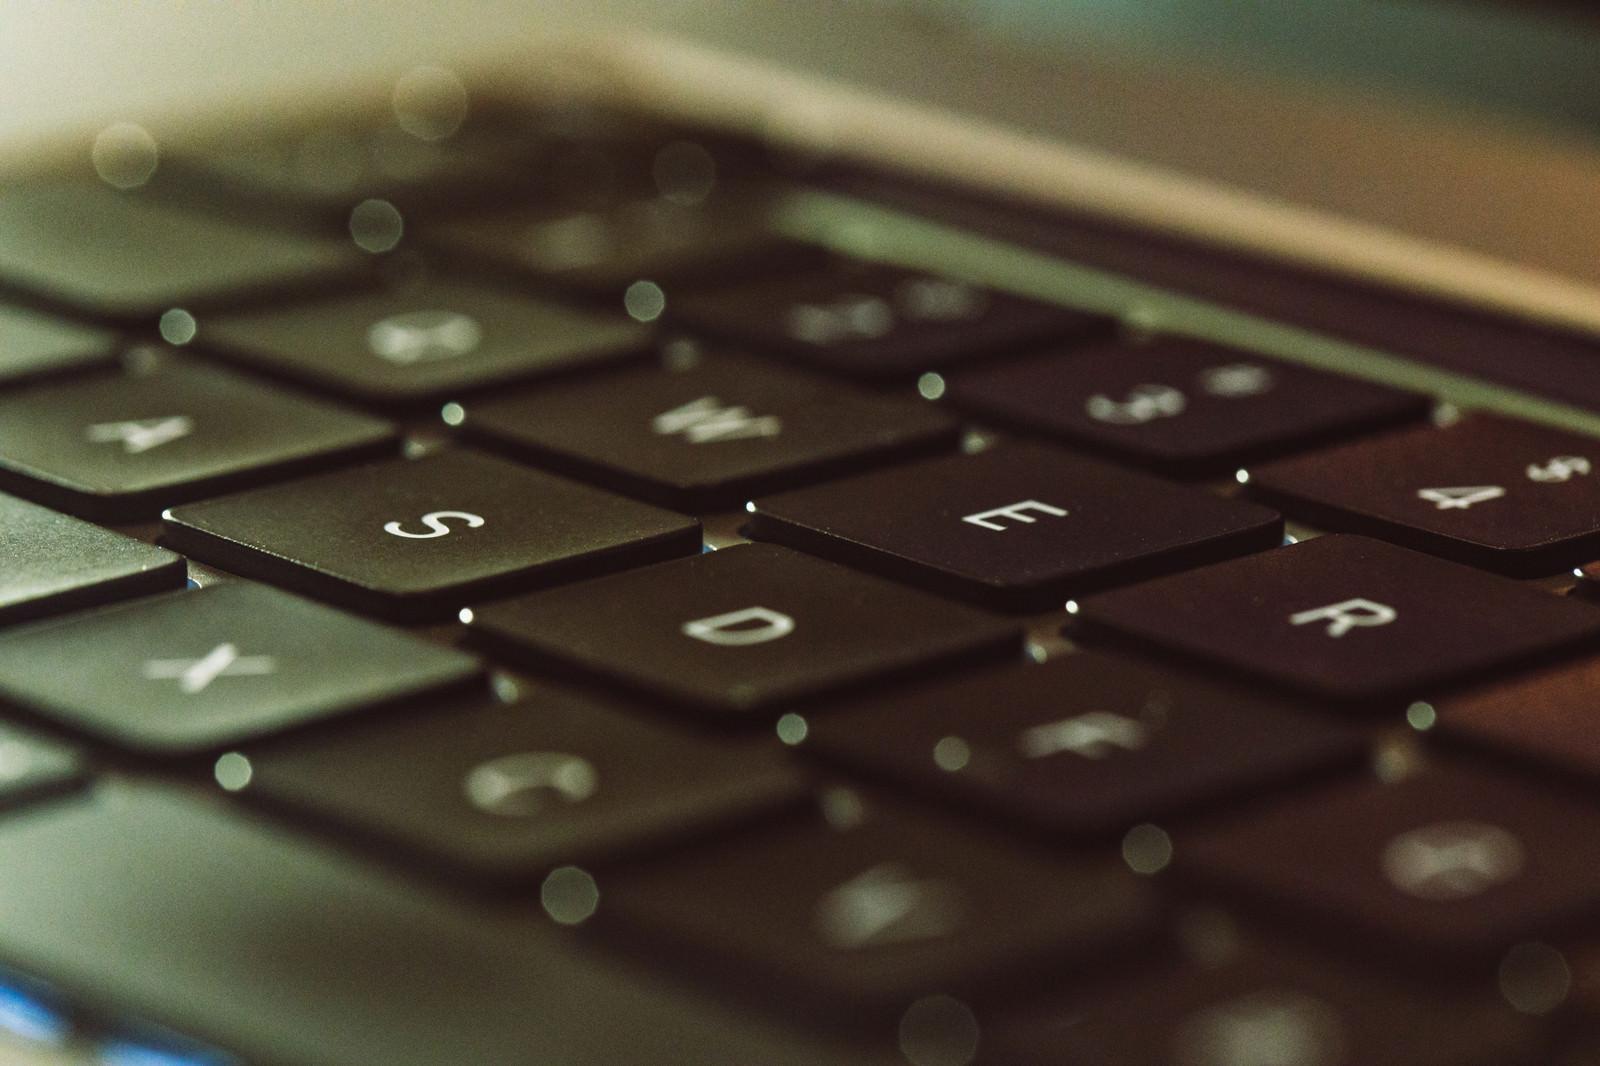 「ロックオンしたキーボードのSボタン(Macbook)」の写真